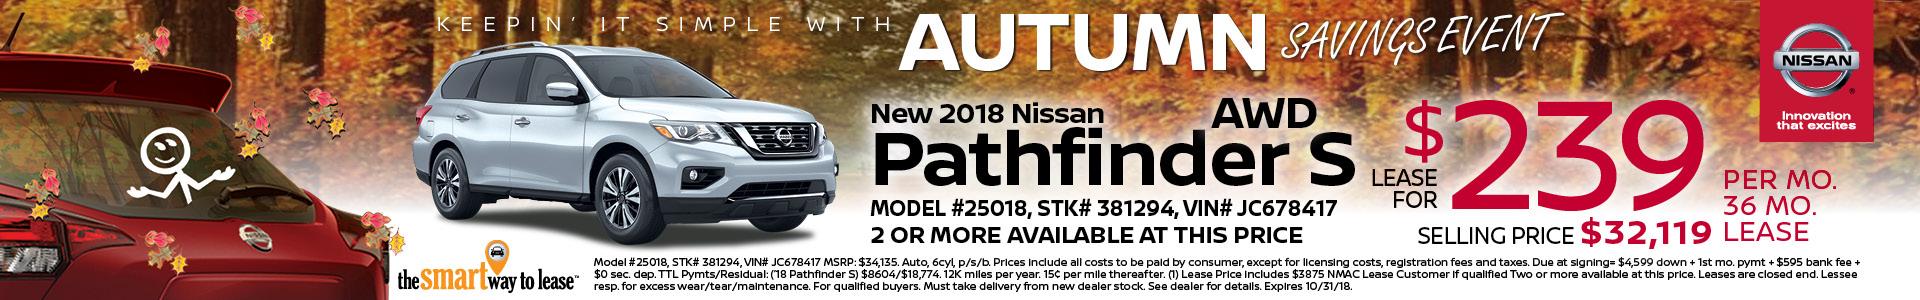 2018 Pathfinder $239